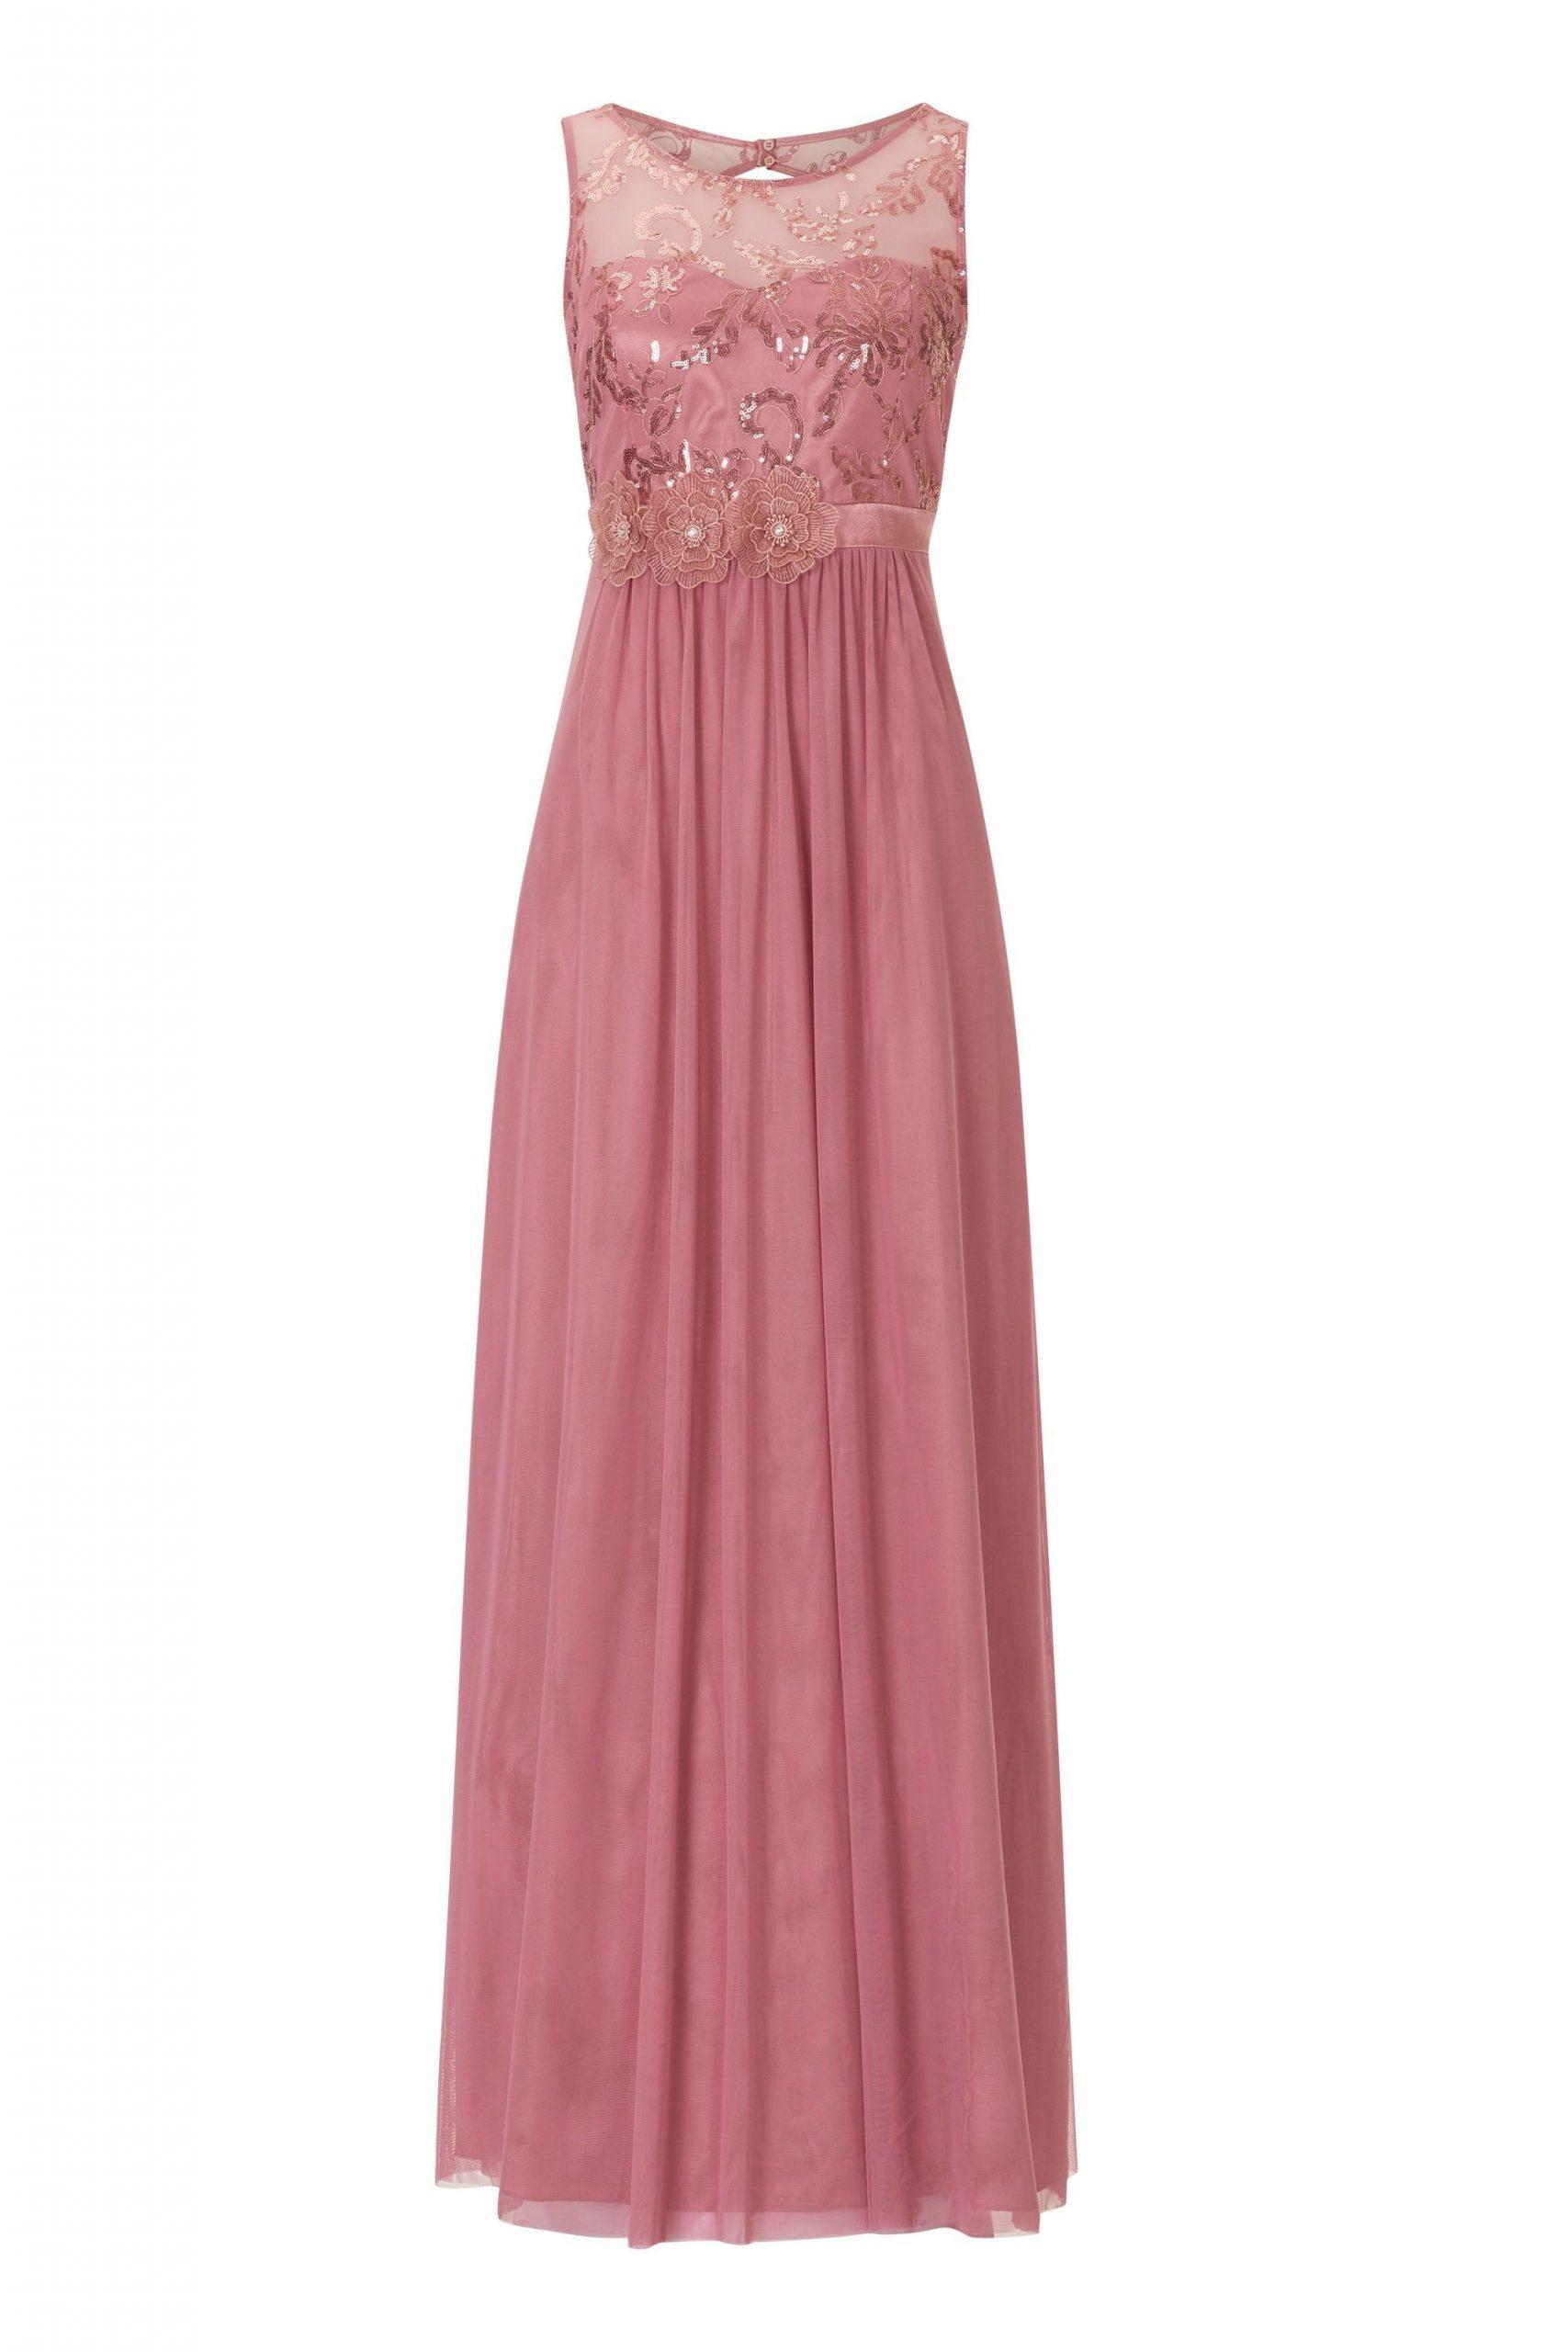 Abend Spektakulär Rose Abend Kleid Boutique17 Spektakulär Rose Abend Kleid Stylish